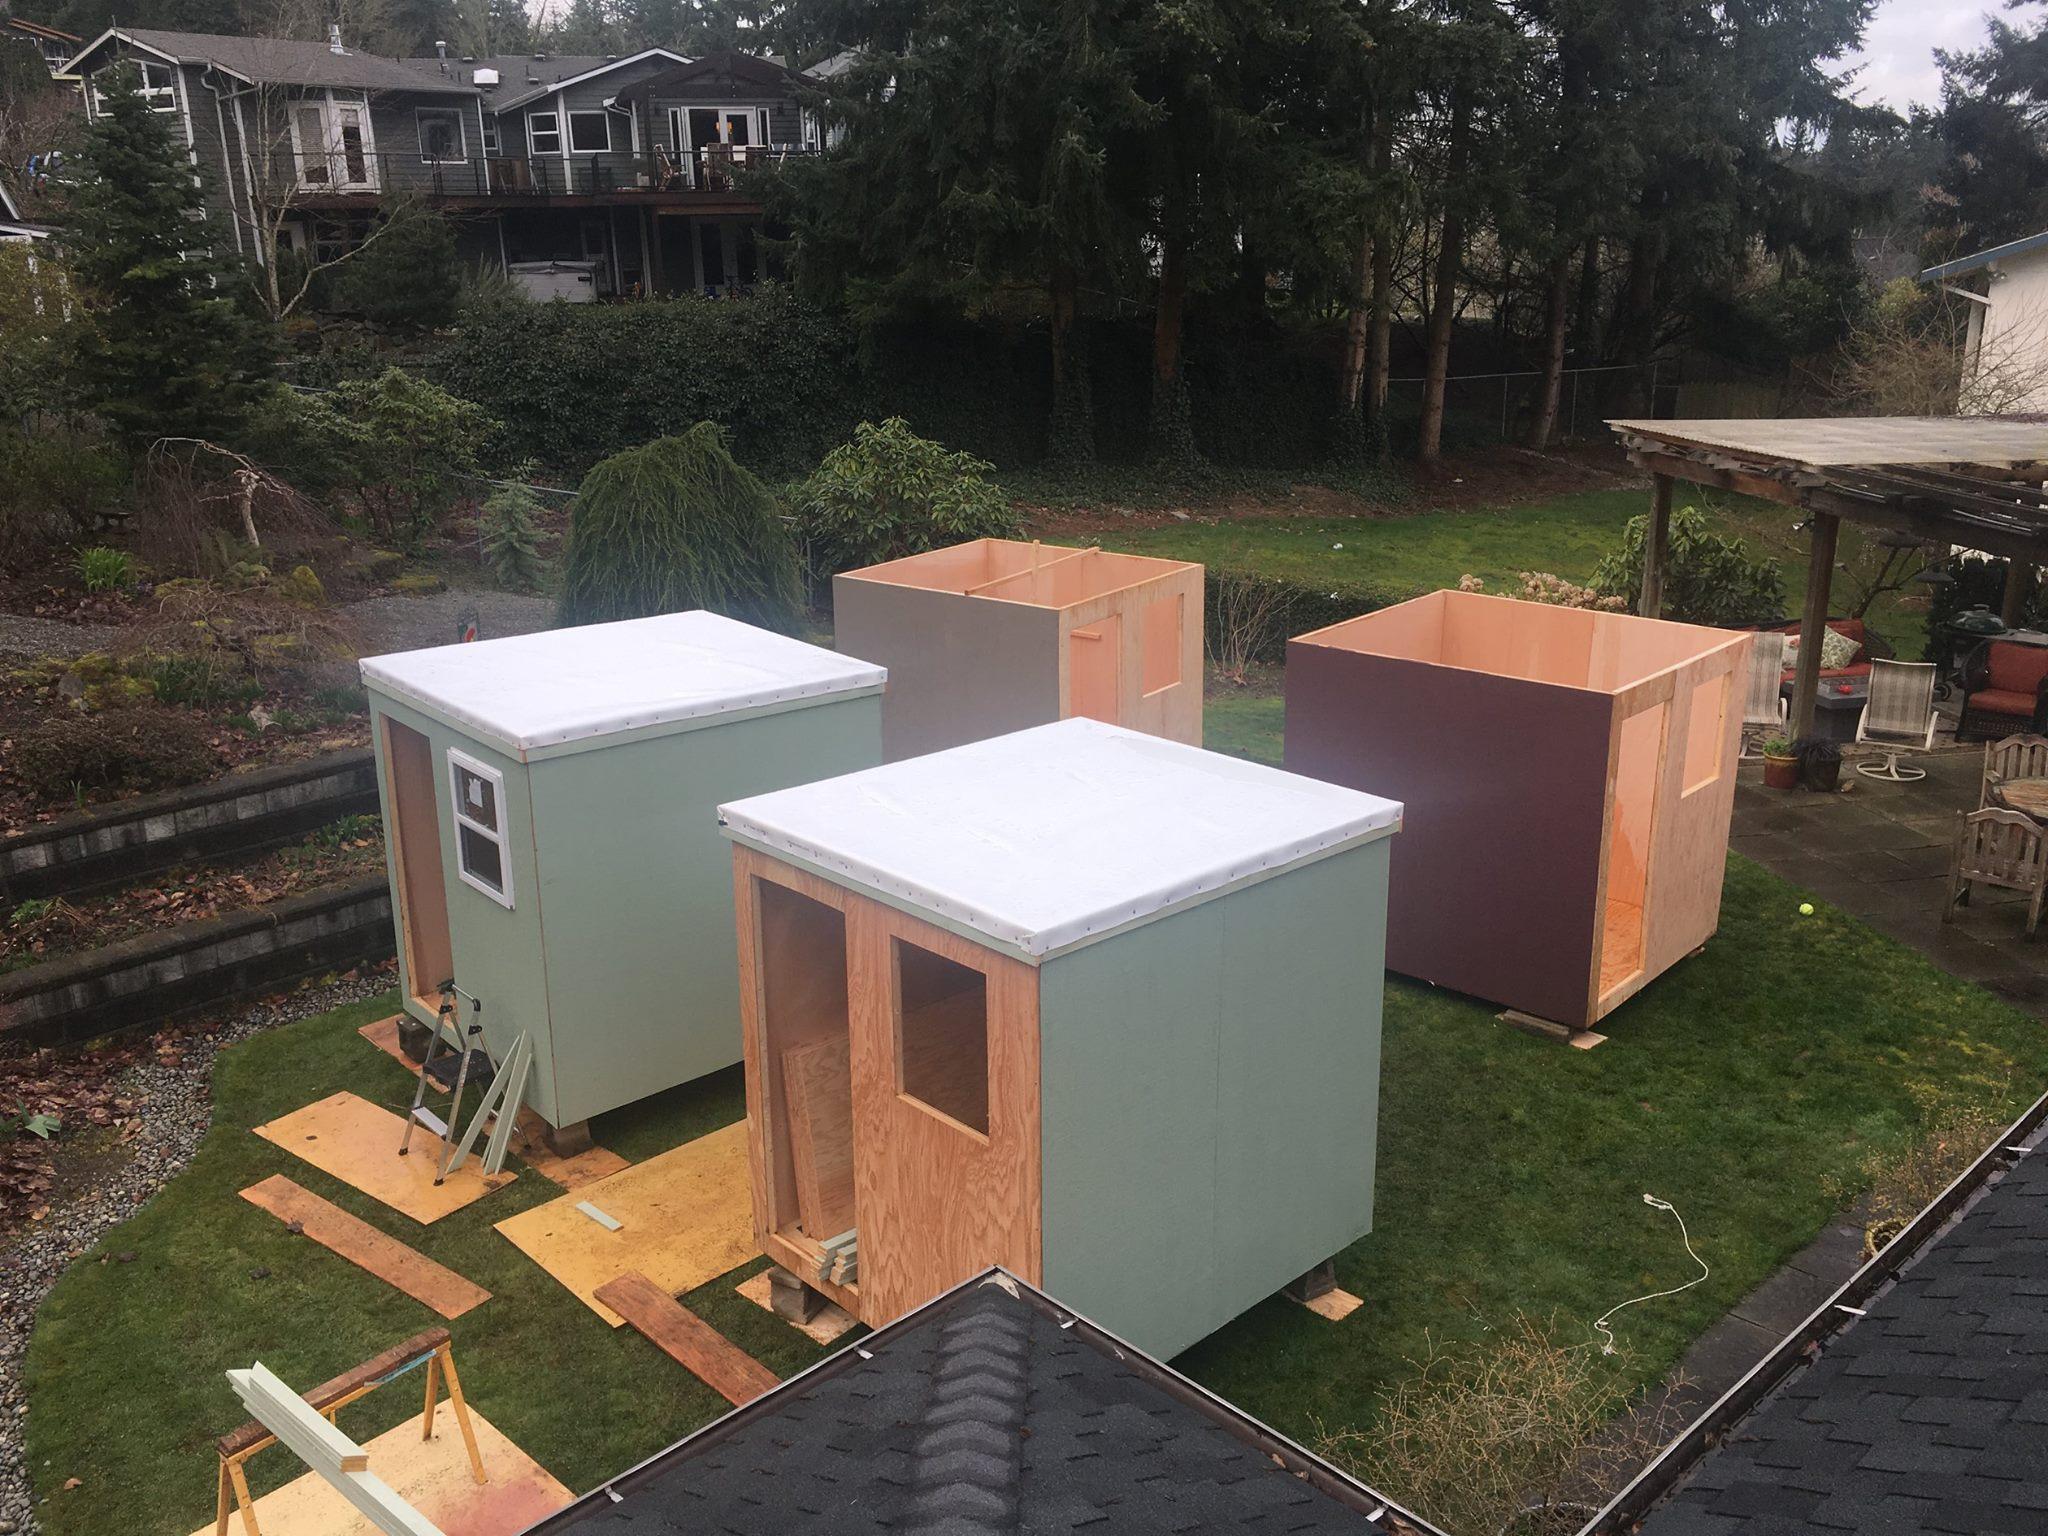 Pods For The Homeless Shelter : Huber s custom building sleeping pods for the homeless